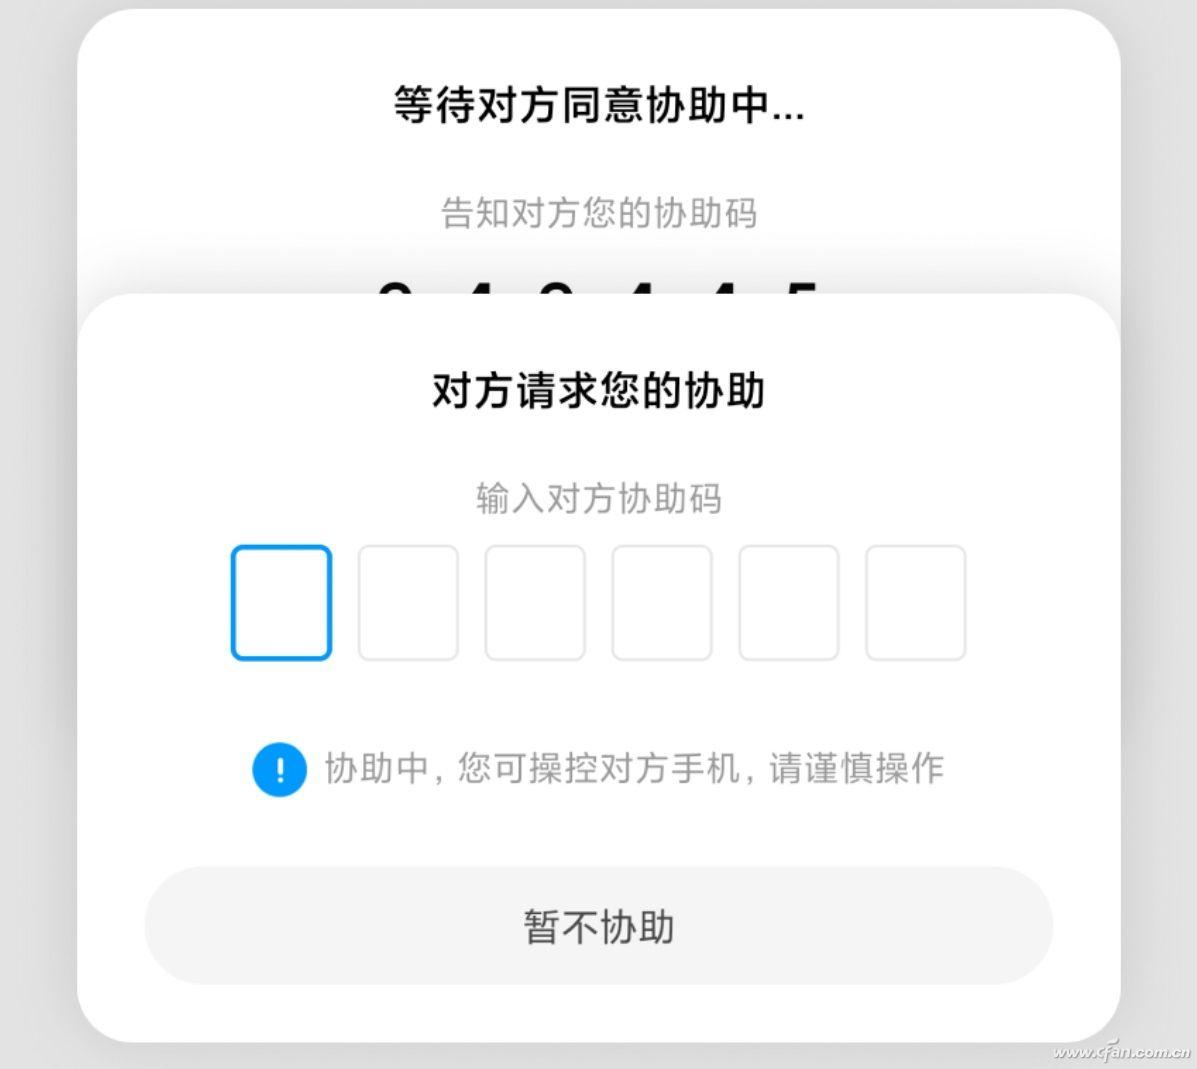 手机怎么远程控制手机(局域网内远程控制软件)